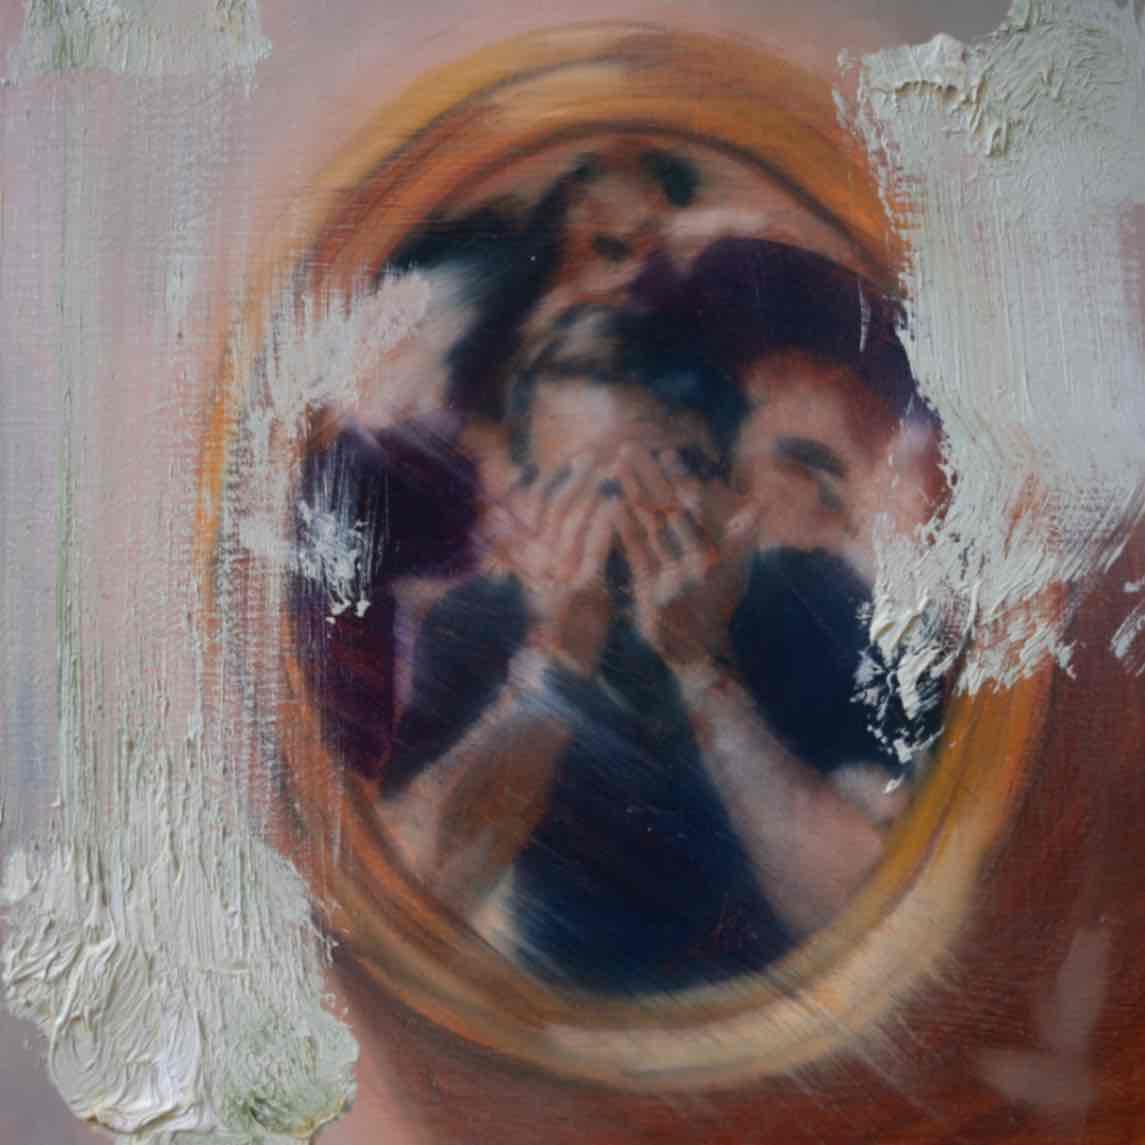 Obra: Autorretrato 🆚 Mirror Selfies 🙈